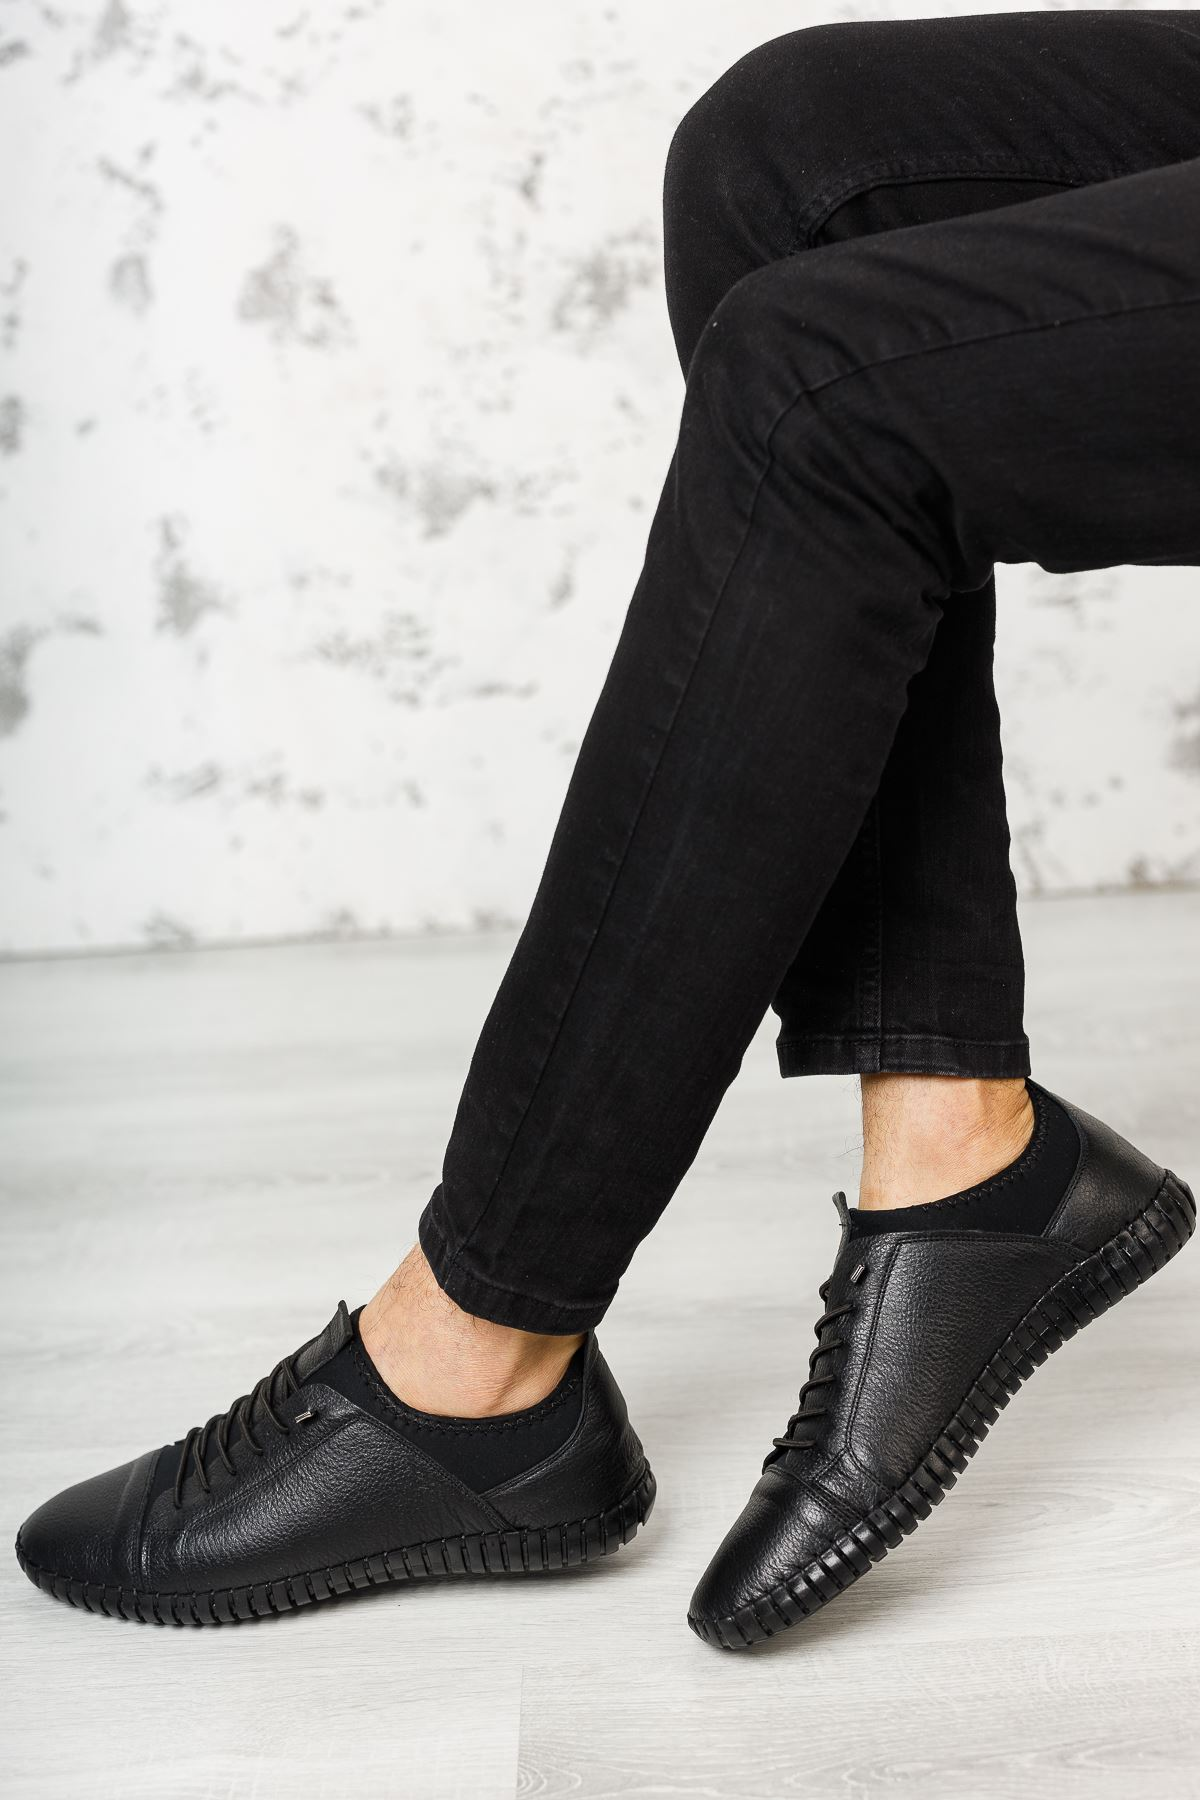 Lastik Bağcıklı Streçli Ortopedik Taban Deri Siyah Erkek Ayakkabı